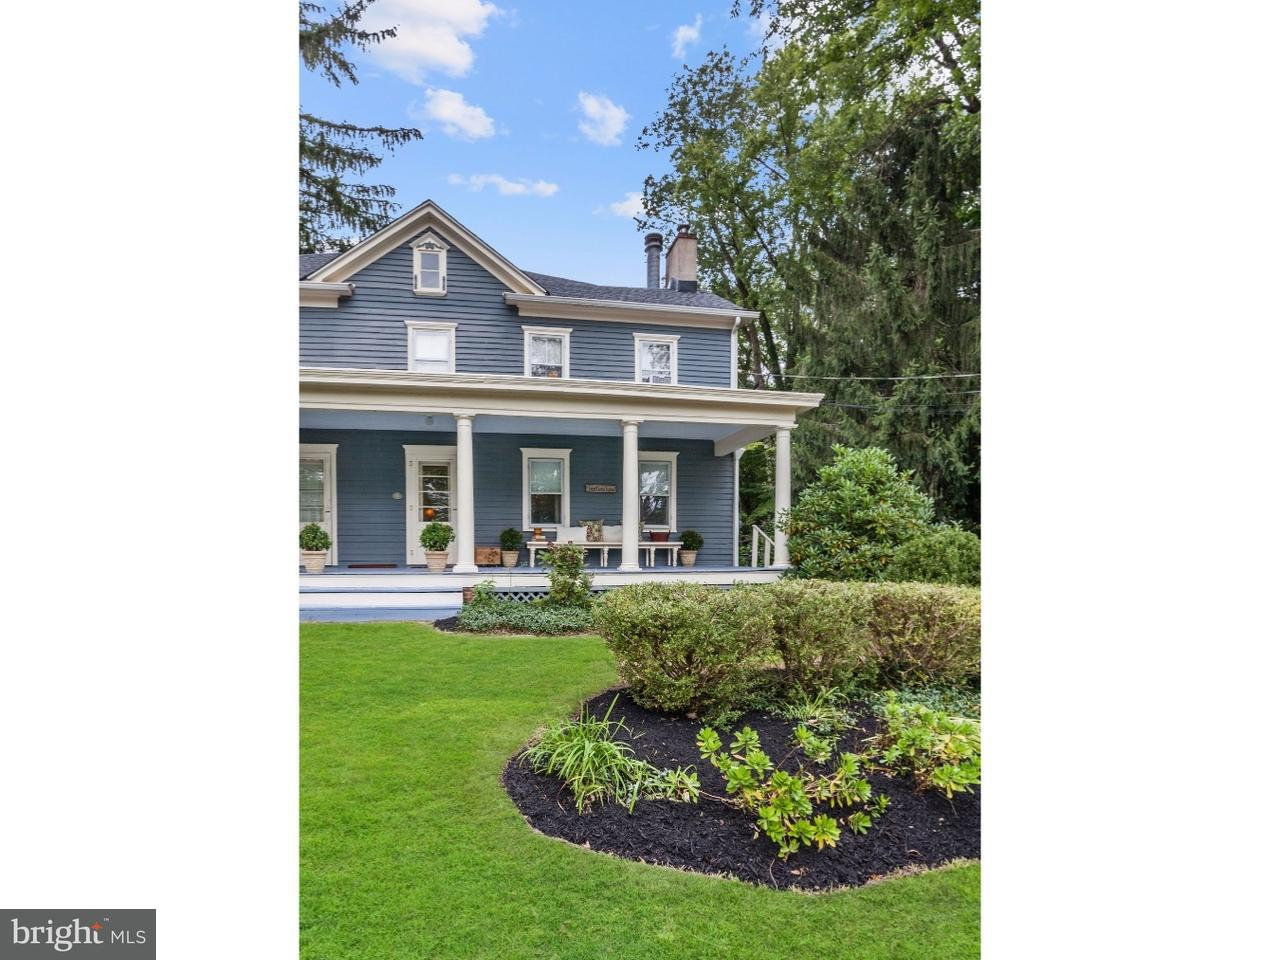 Appartement en copropriété pour l Vente à 2897 MAIN Street Lawrenceville, New Jersey 08648 États-UnisDans/Autour: Lawrence Township